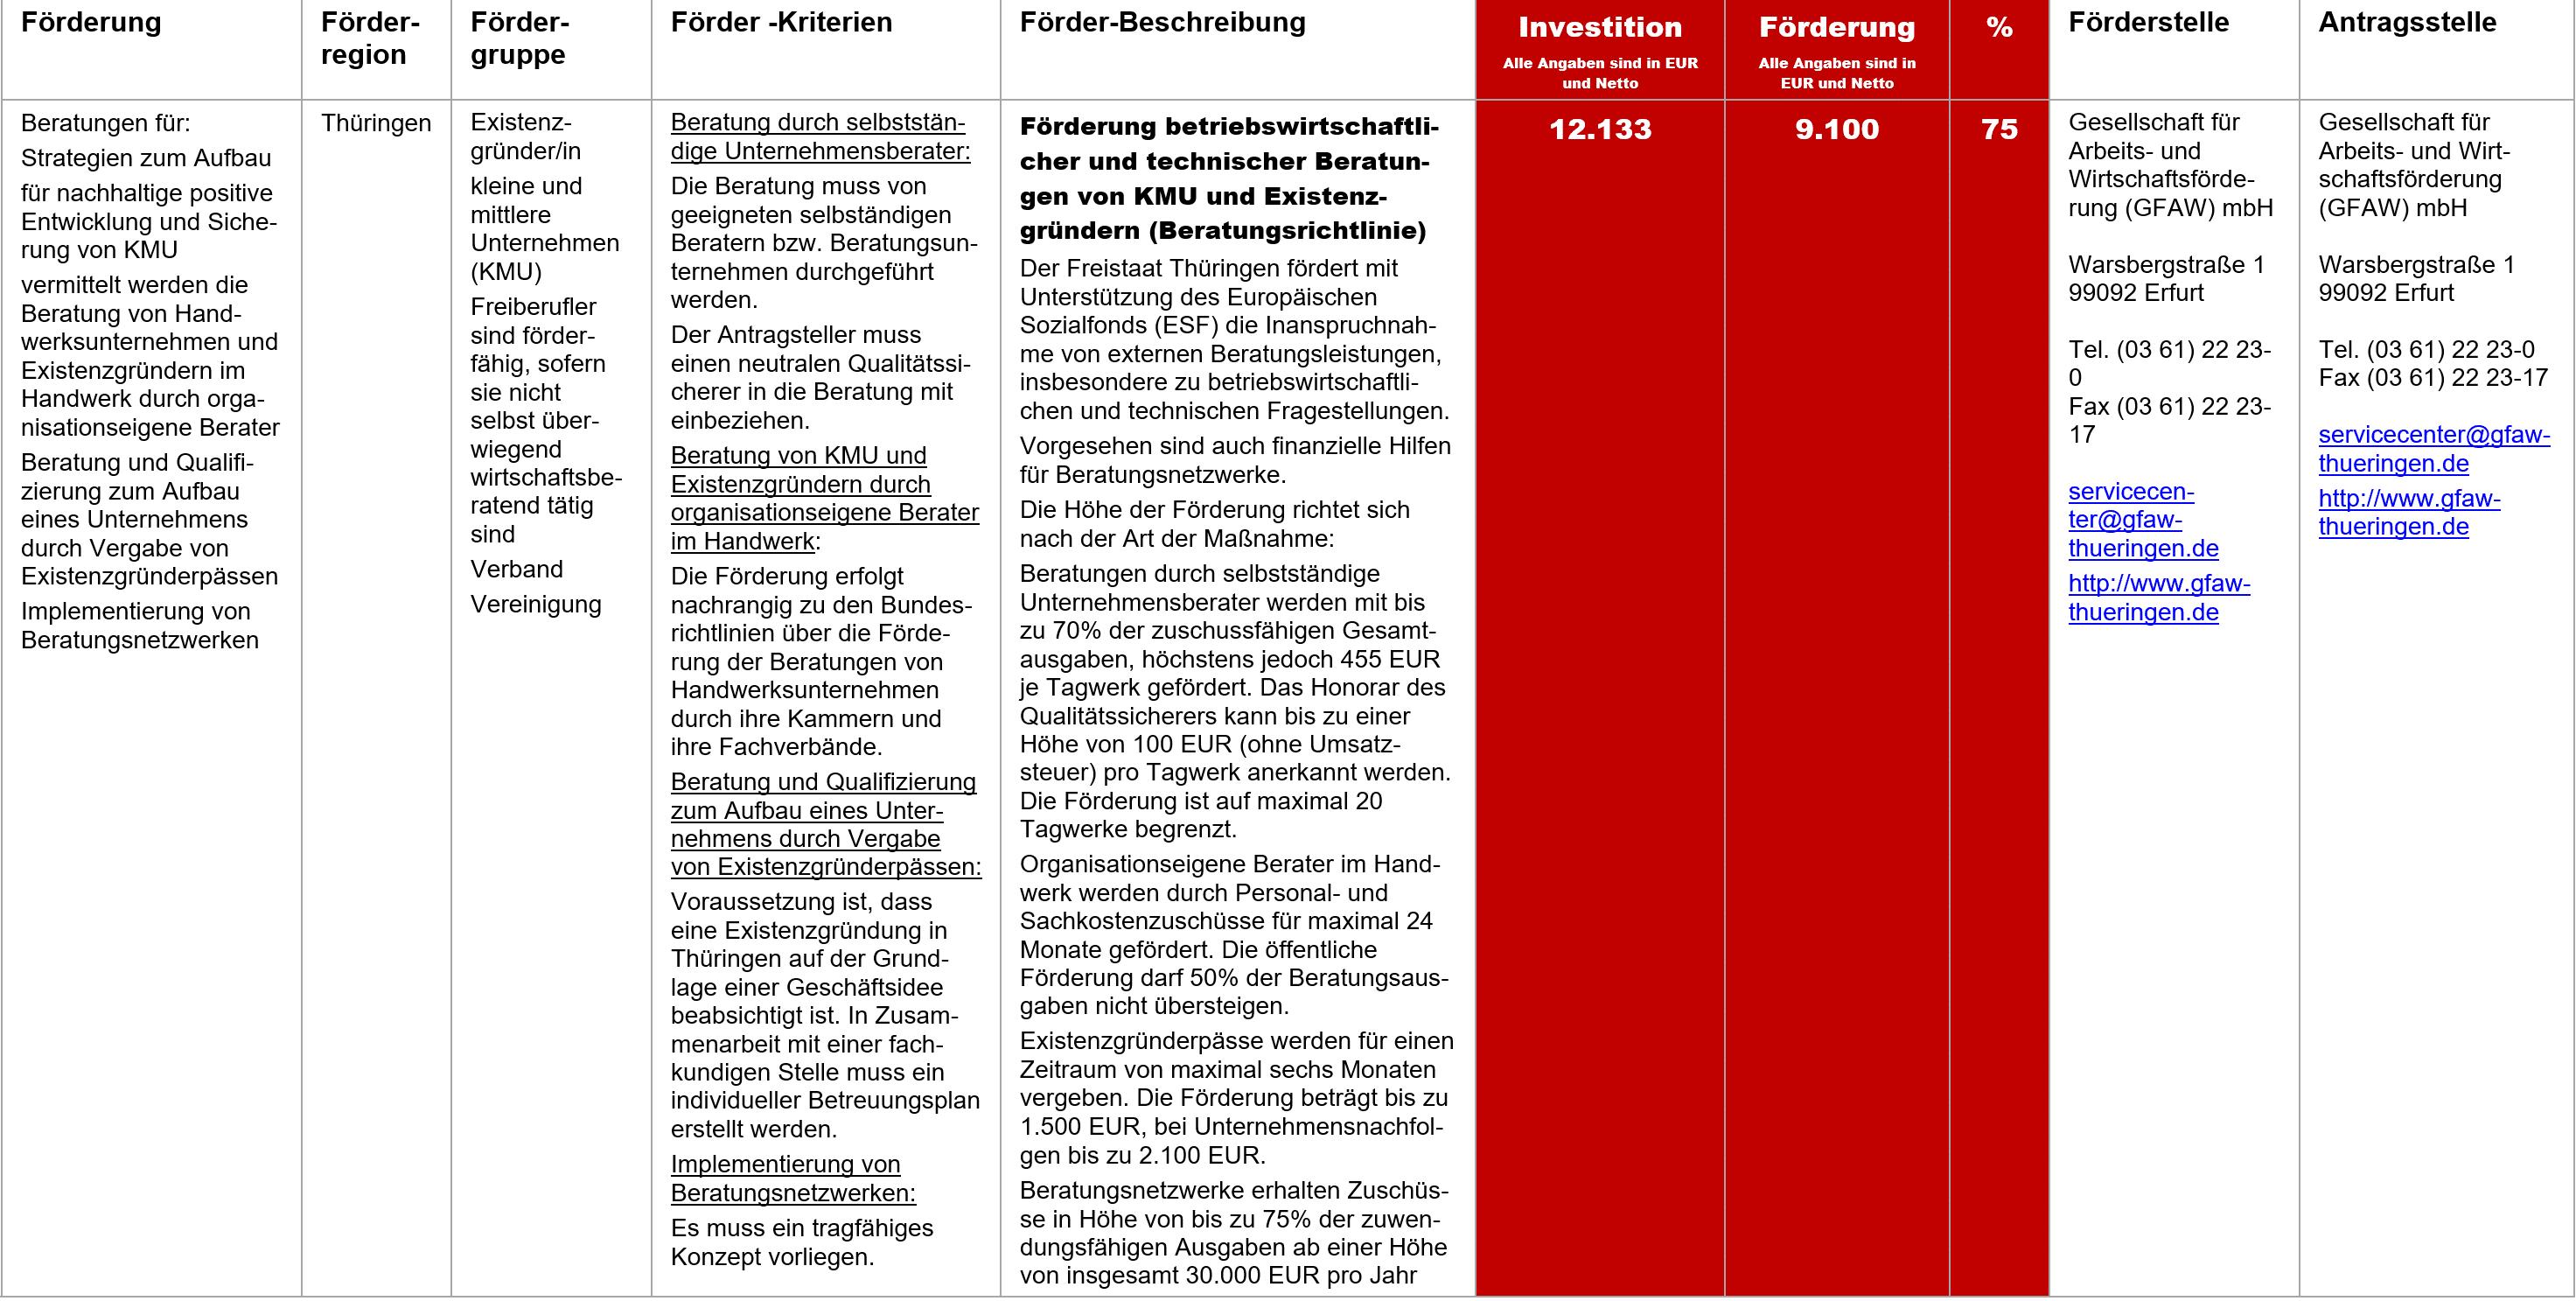 Förderung betriebswirtschaftlicher und technischer Beratungen, Fördermittel – Förderung betriebswirtschaftlicher und technischer Beratungen von KMU und Existenzgründern (Beratungsrichtlinie)